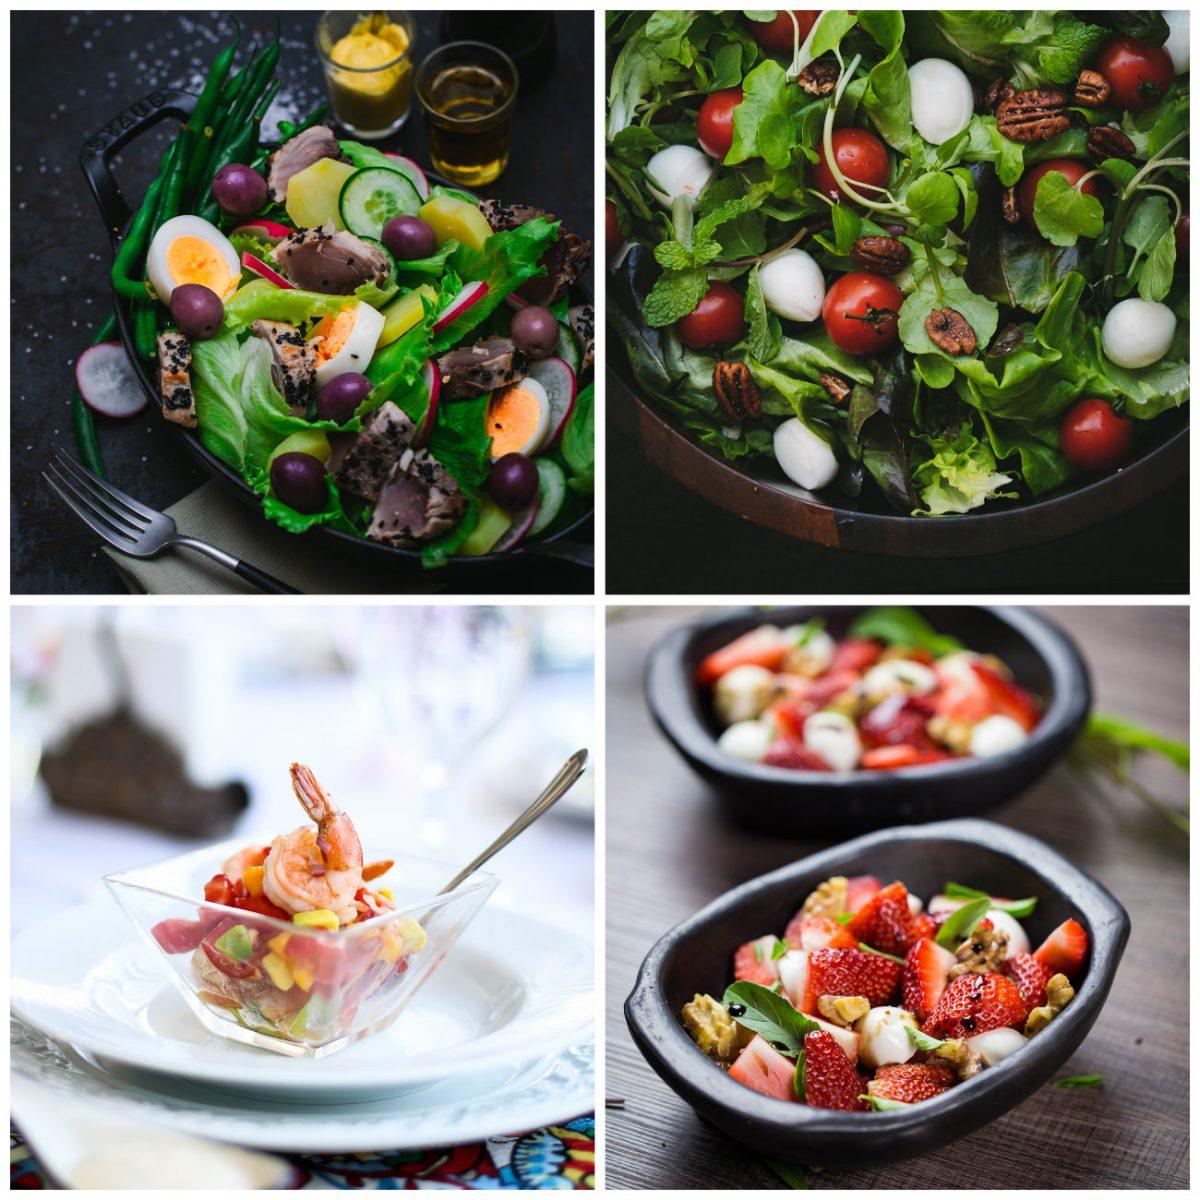 receitas para o dia das mães - saladas